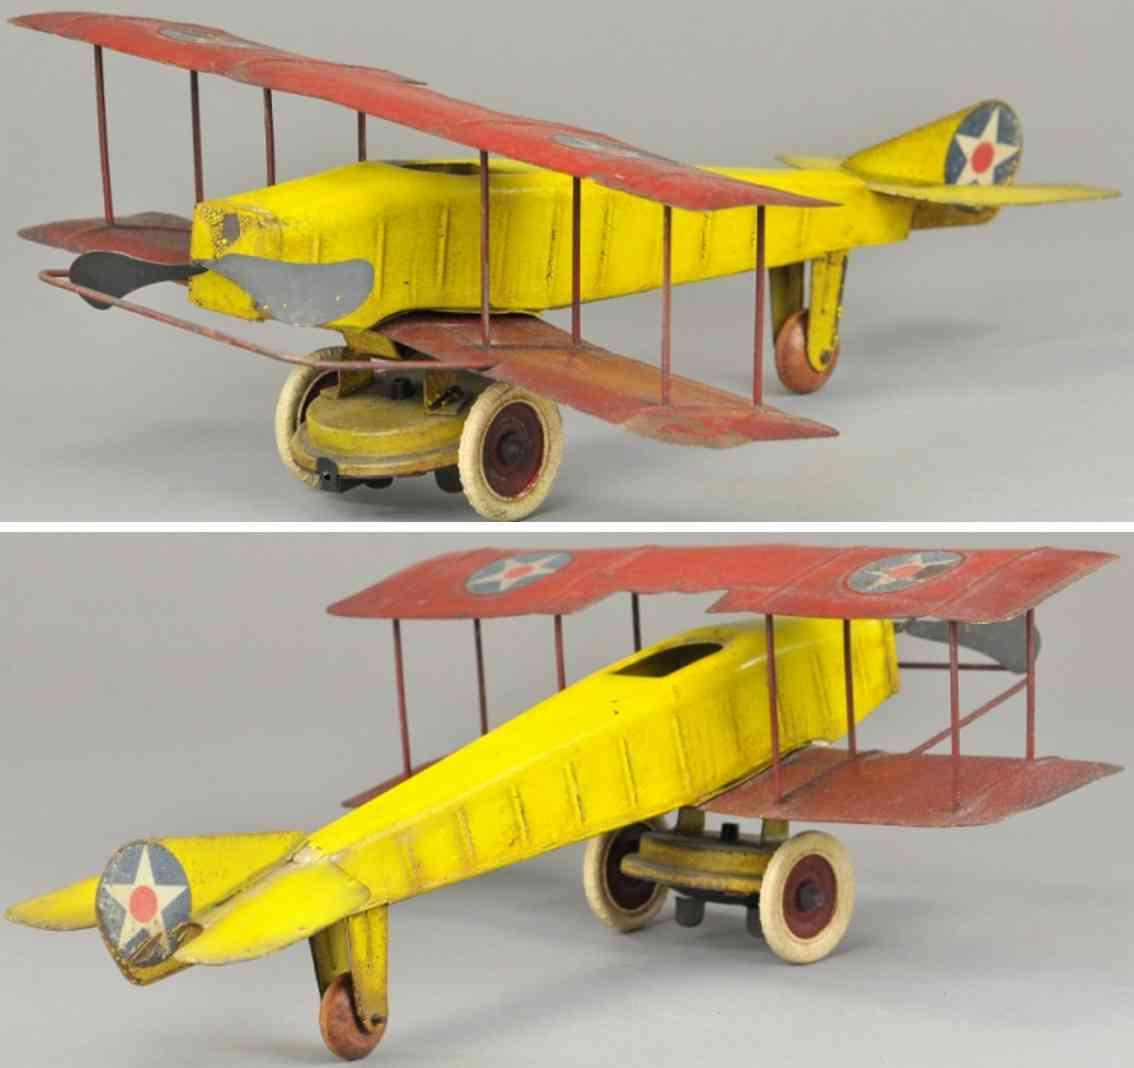 kingsbury toys tin toy stamped tin bi-airplane yellow red